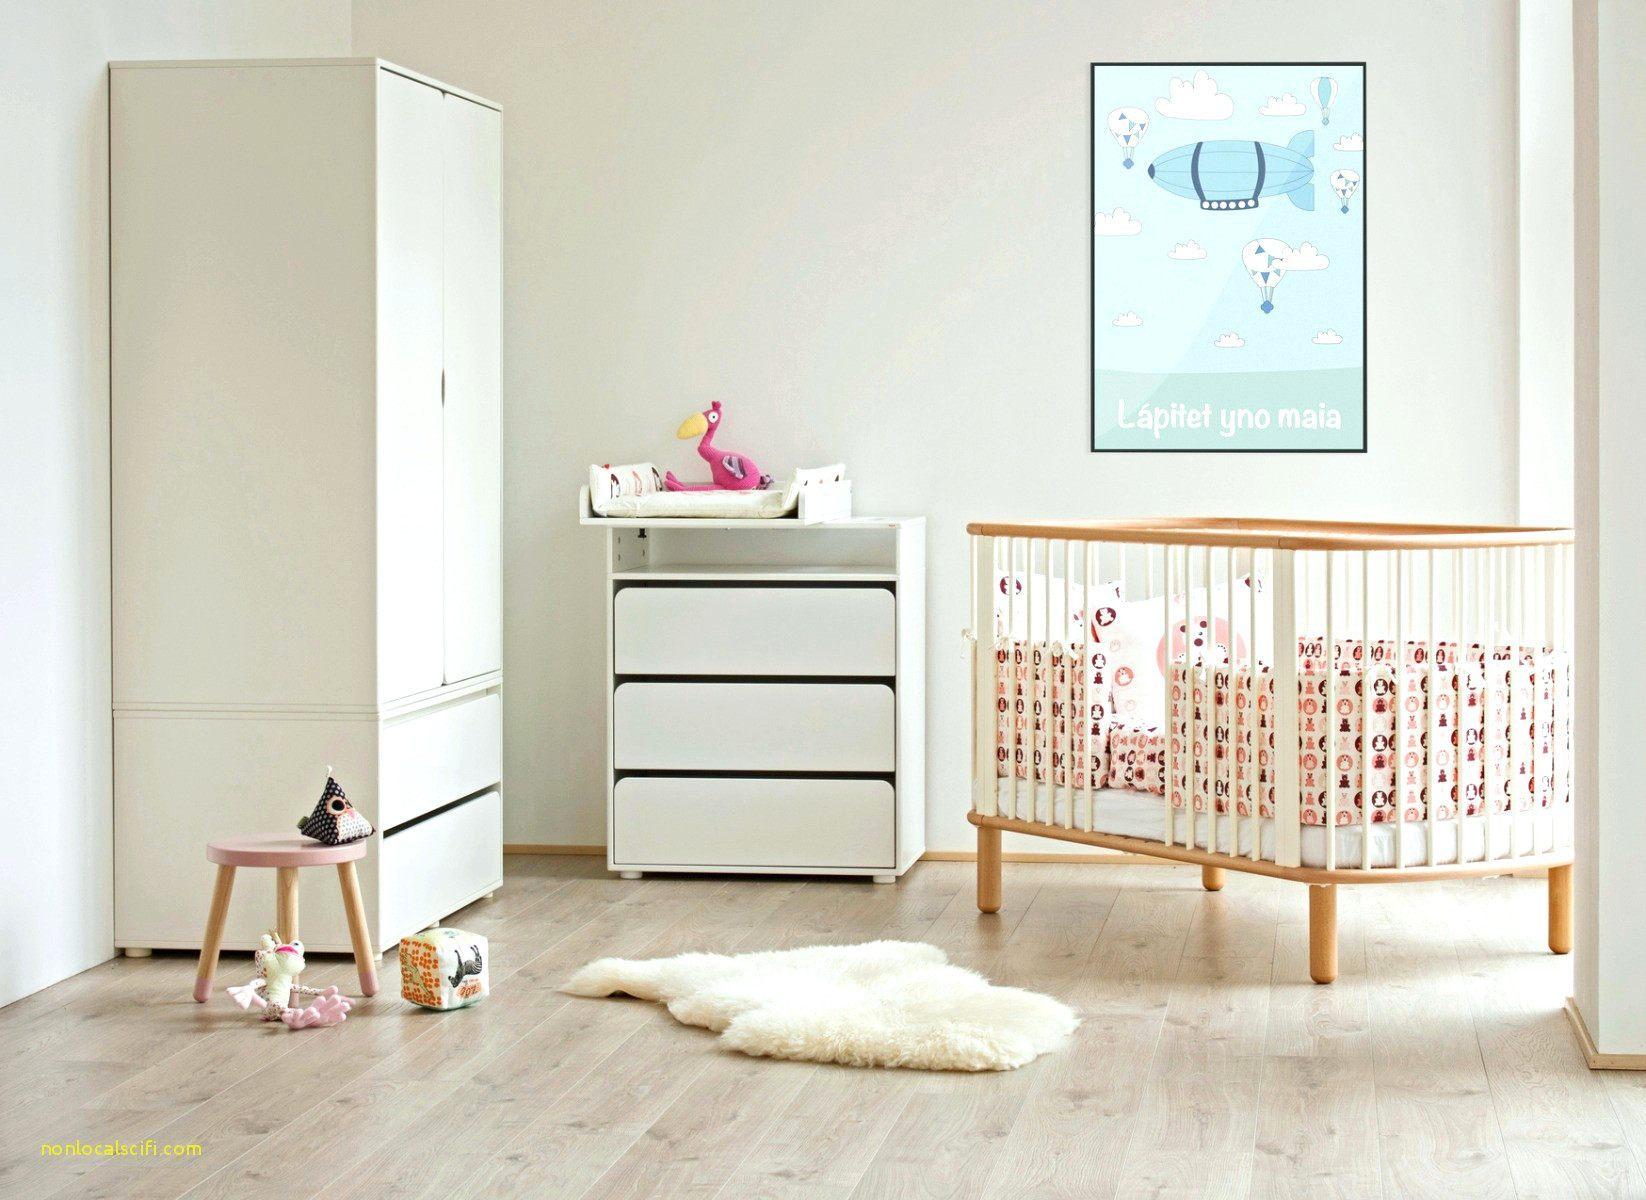 Lit Pour Enfant Fille Luxe Chambre Pour Petite Fille Inspirant Fantastique Chambre Pour Enfant